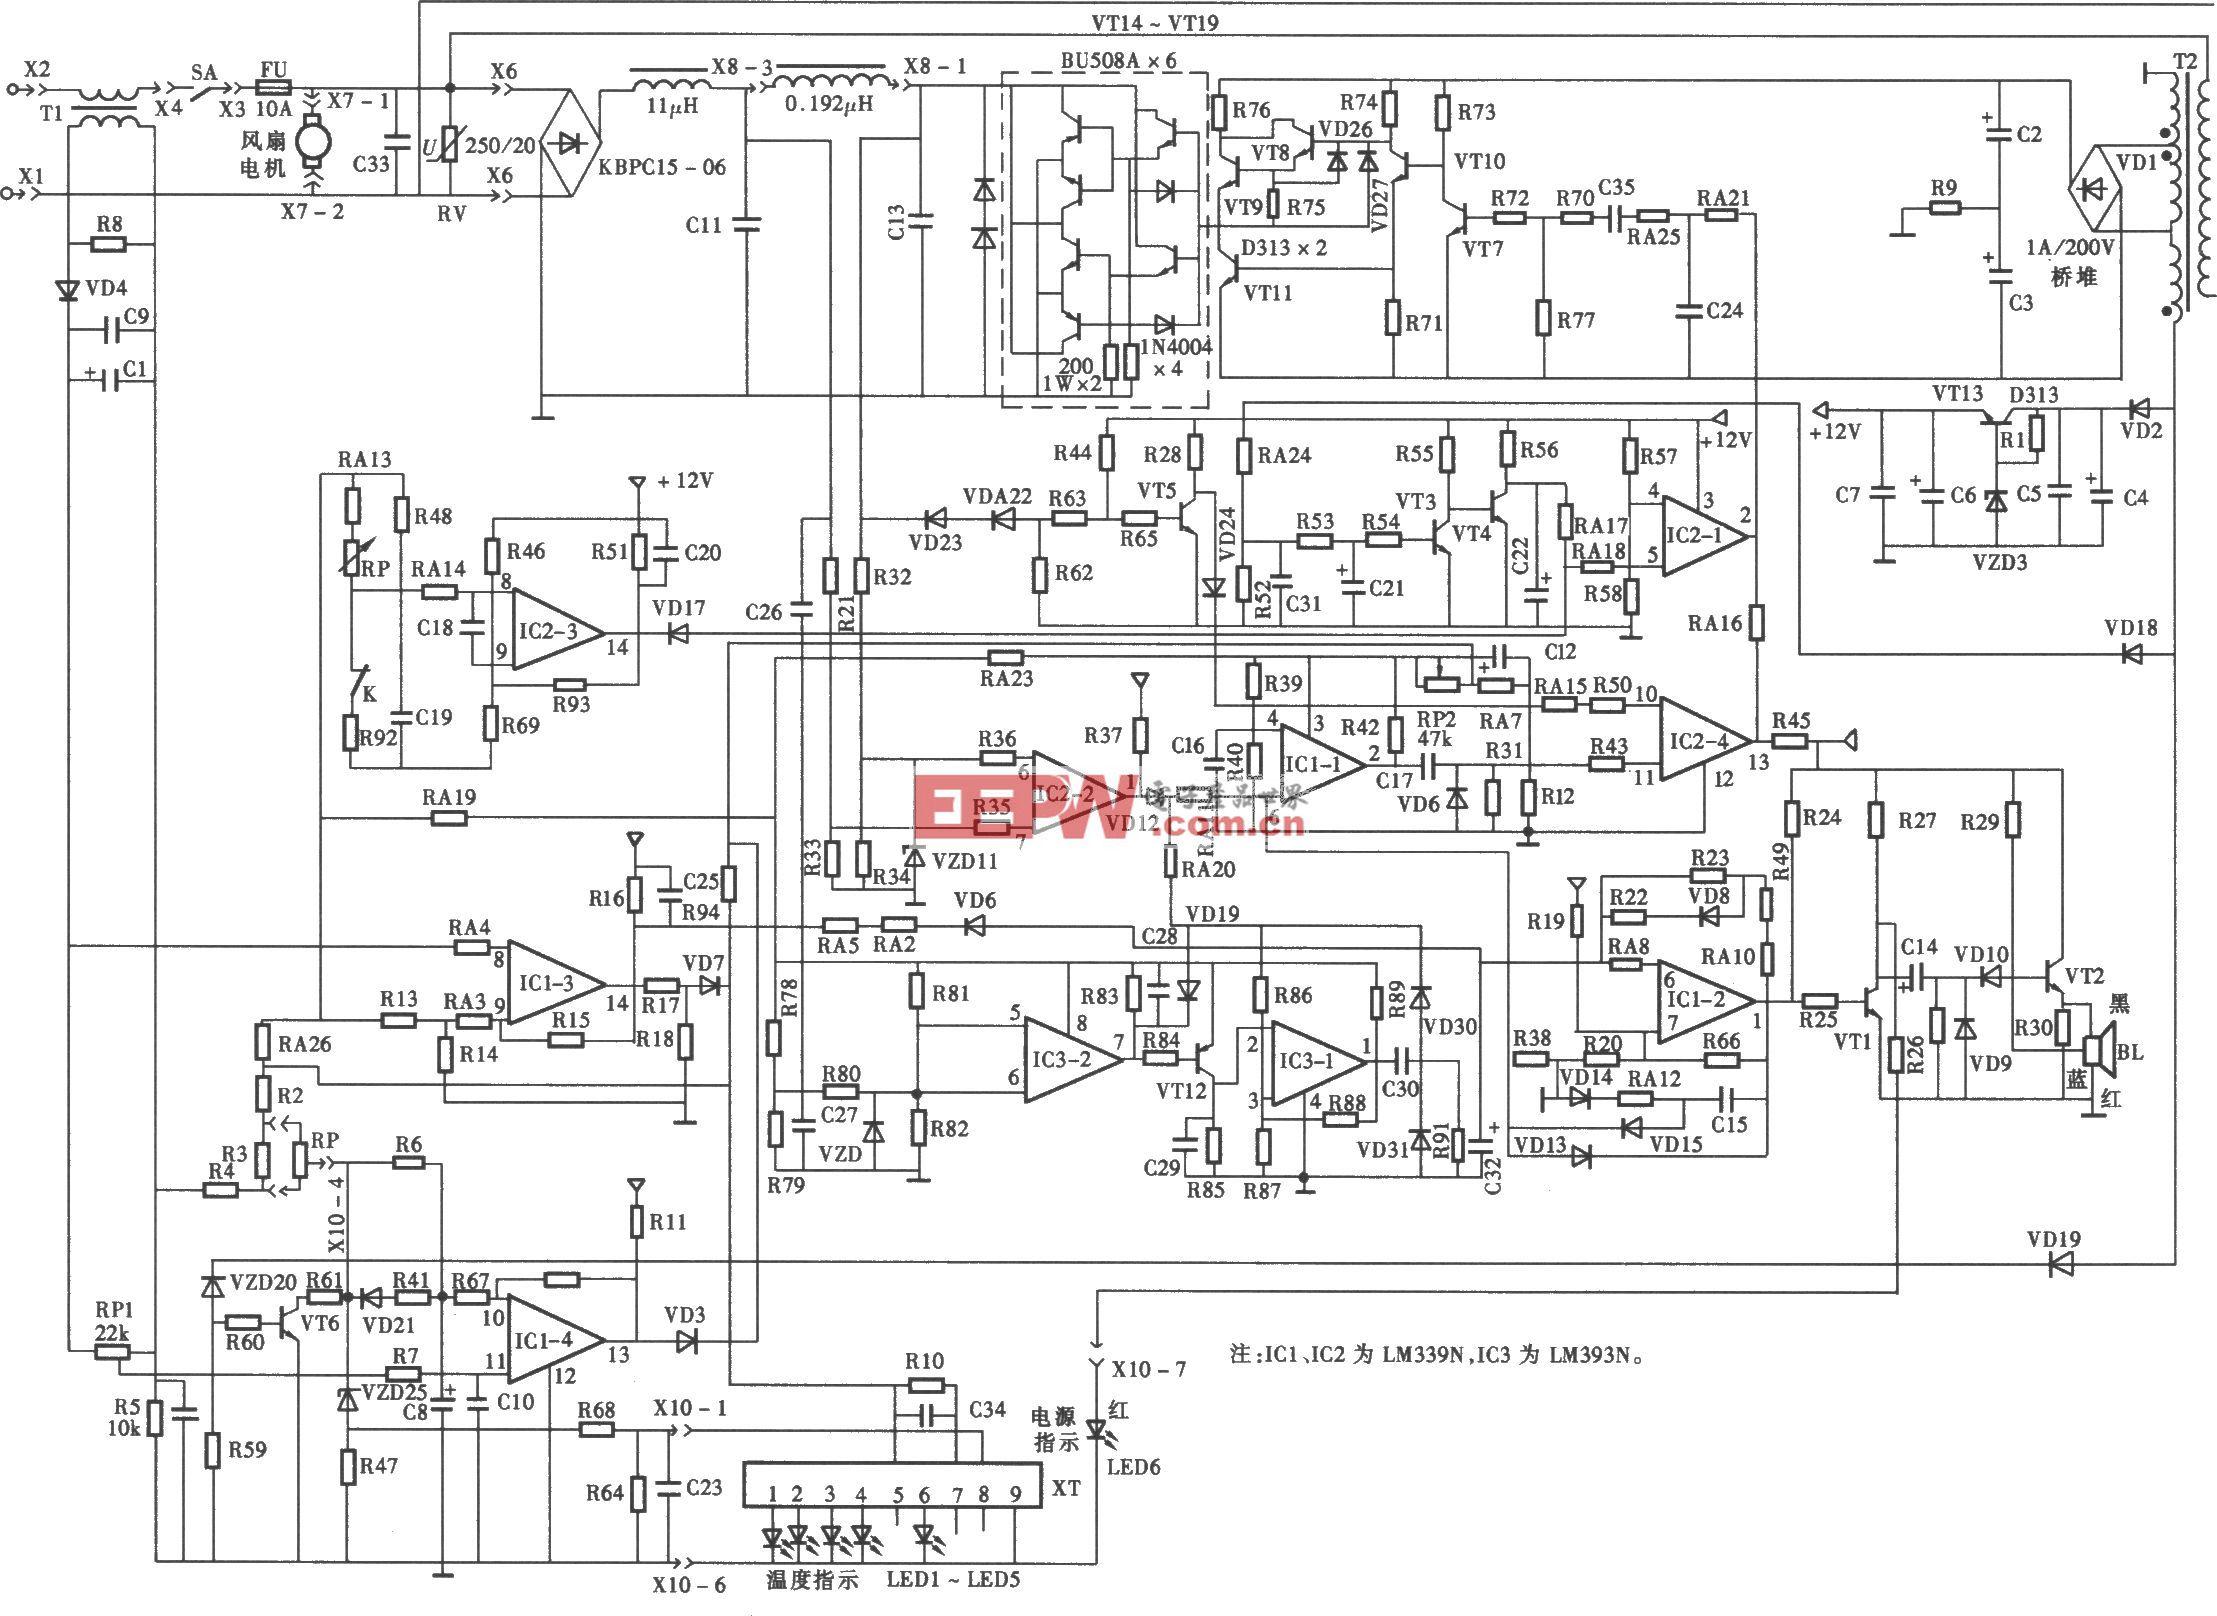 索浦SP-200型电磁炉电路